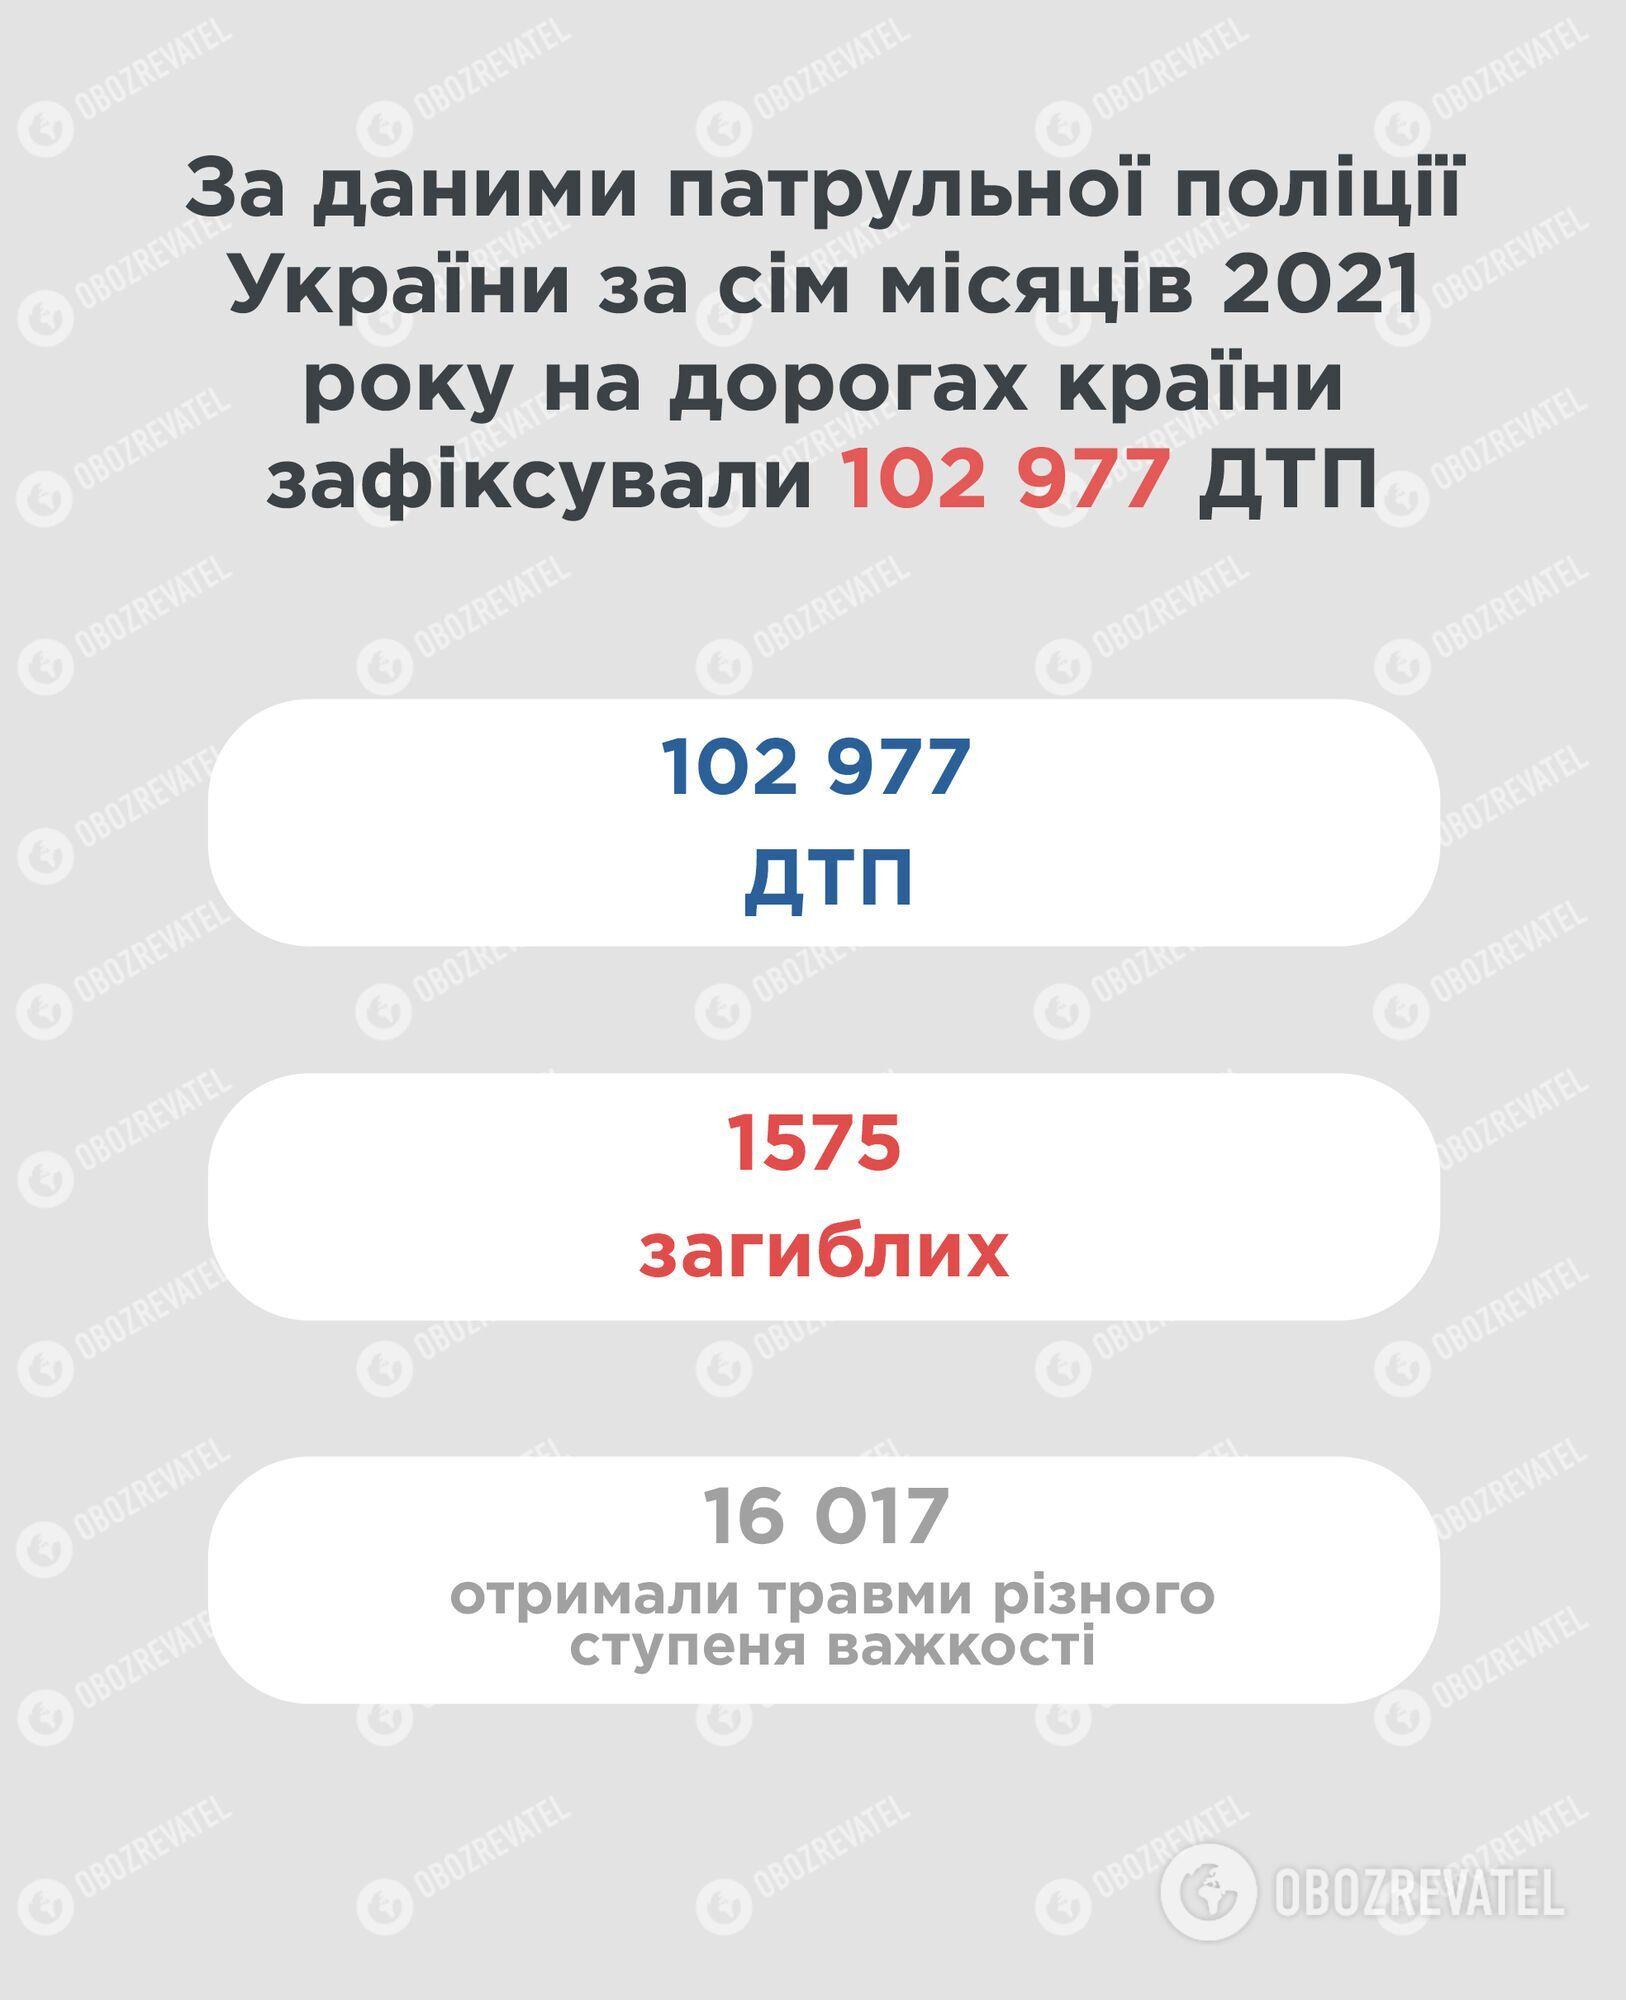 Статистика аварійності в Україні за 7 місяців 2021 року